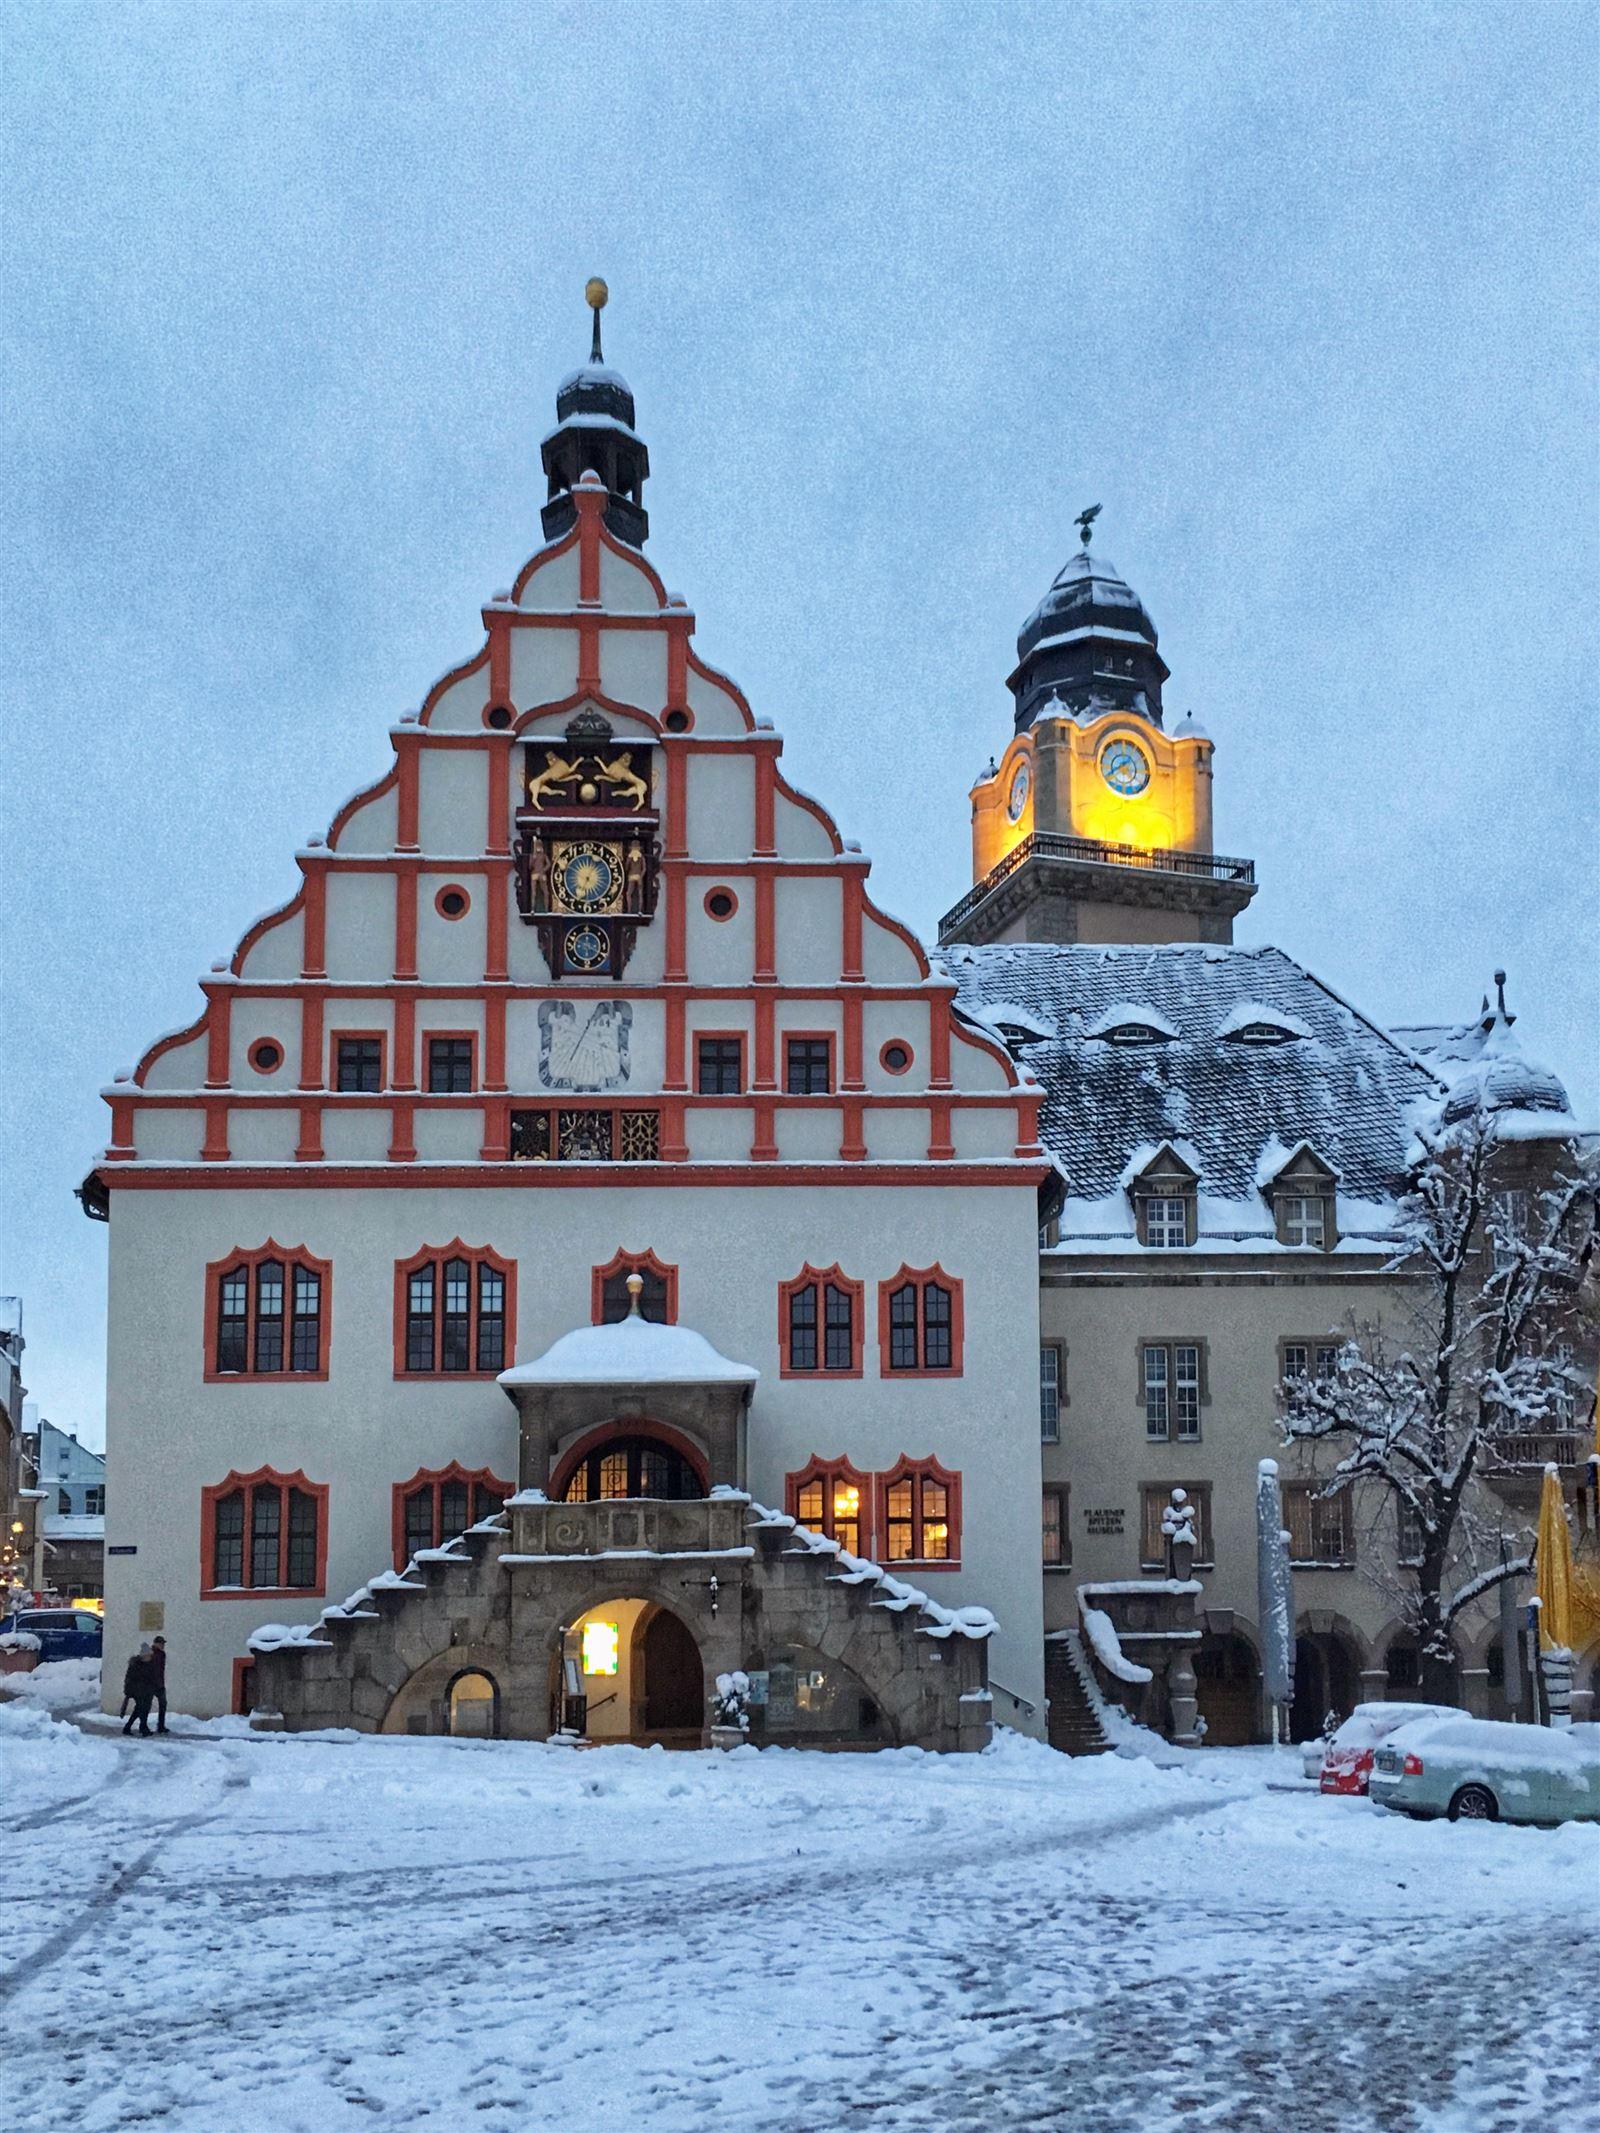 Ausflug im Winter in Sachsen - winterlicher Spaziergang durch Plauen - Rathaus